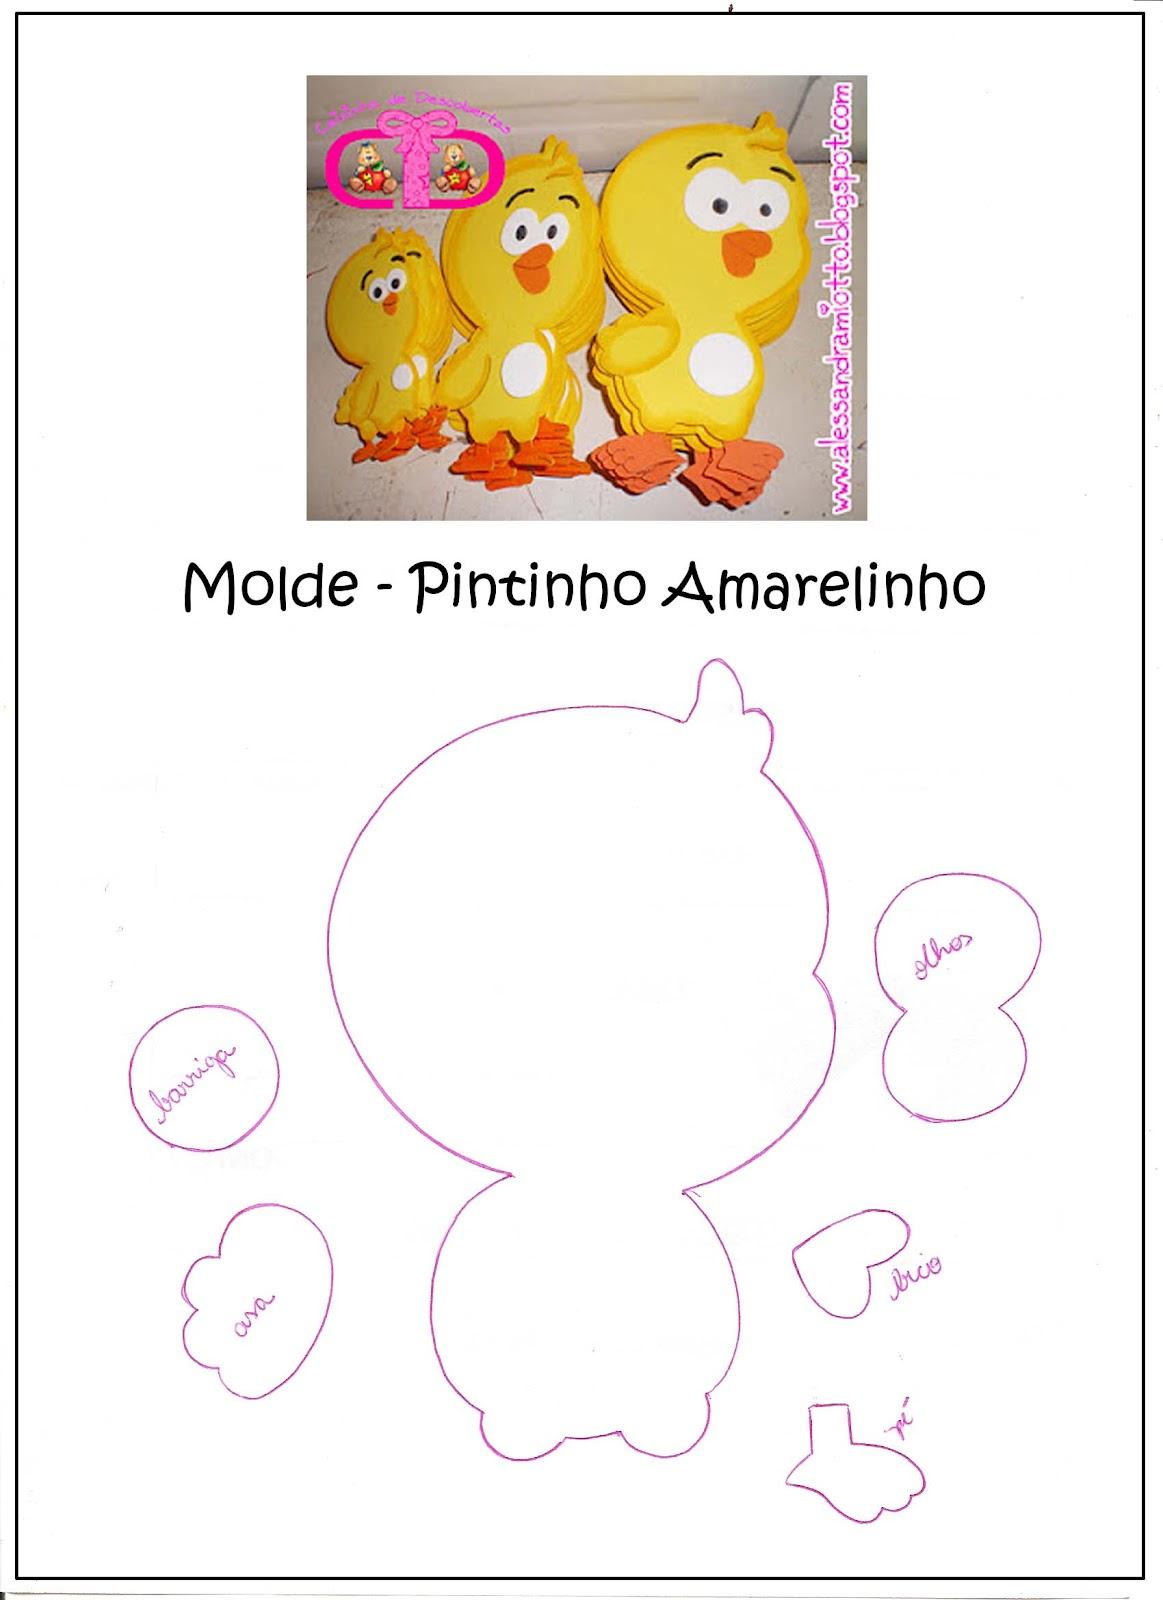 Pintinho amarelinho - Aplique / Molde brinde